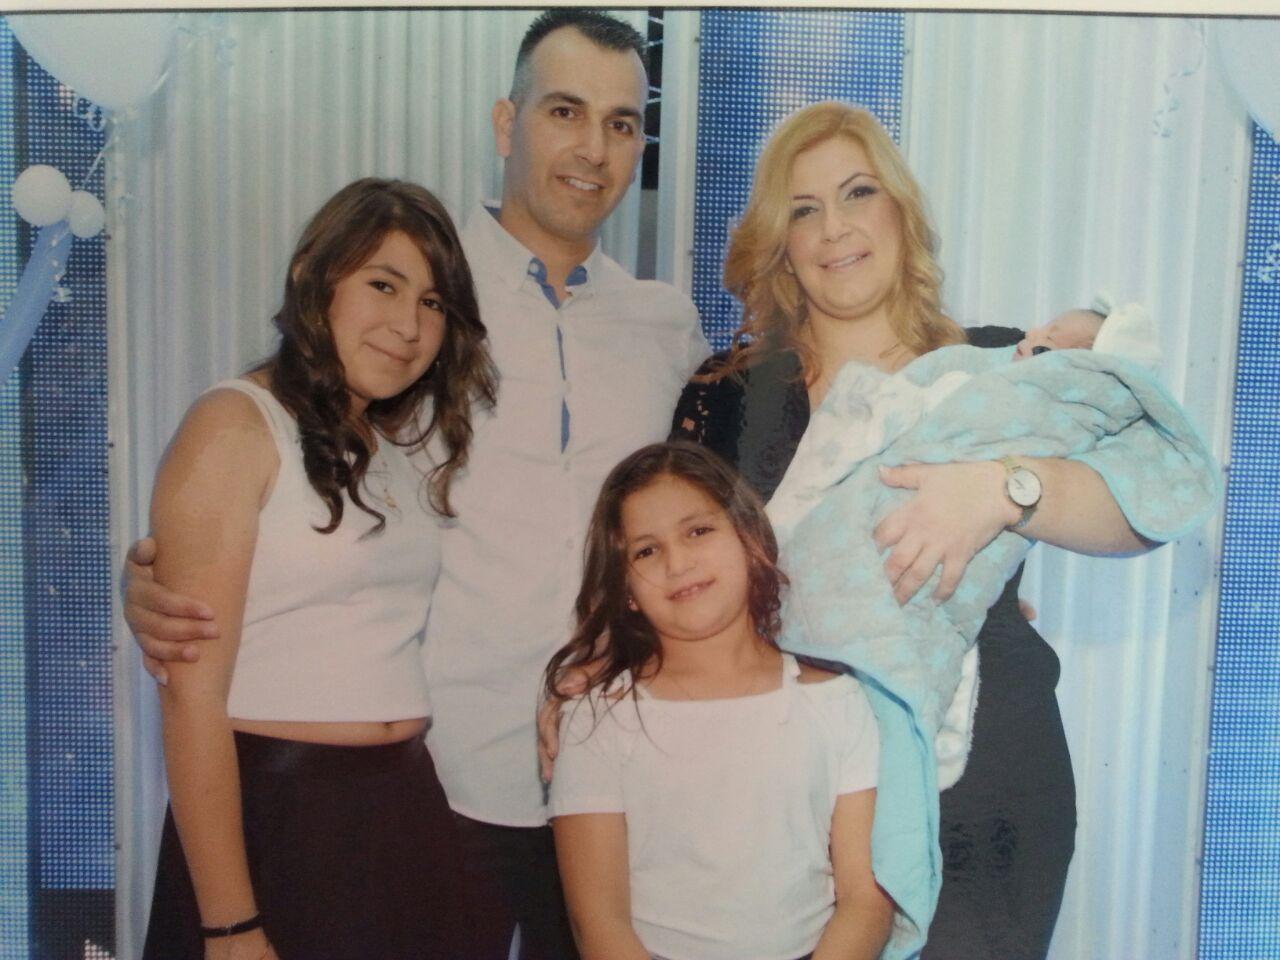 יורש טרי למשפחת אבוטבול. נסיך הקטן קוראים בישראל אורין